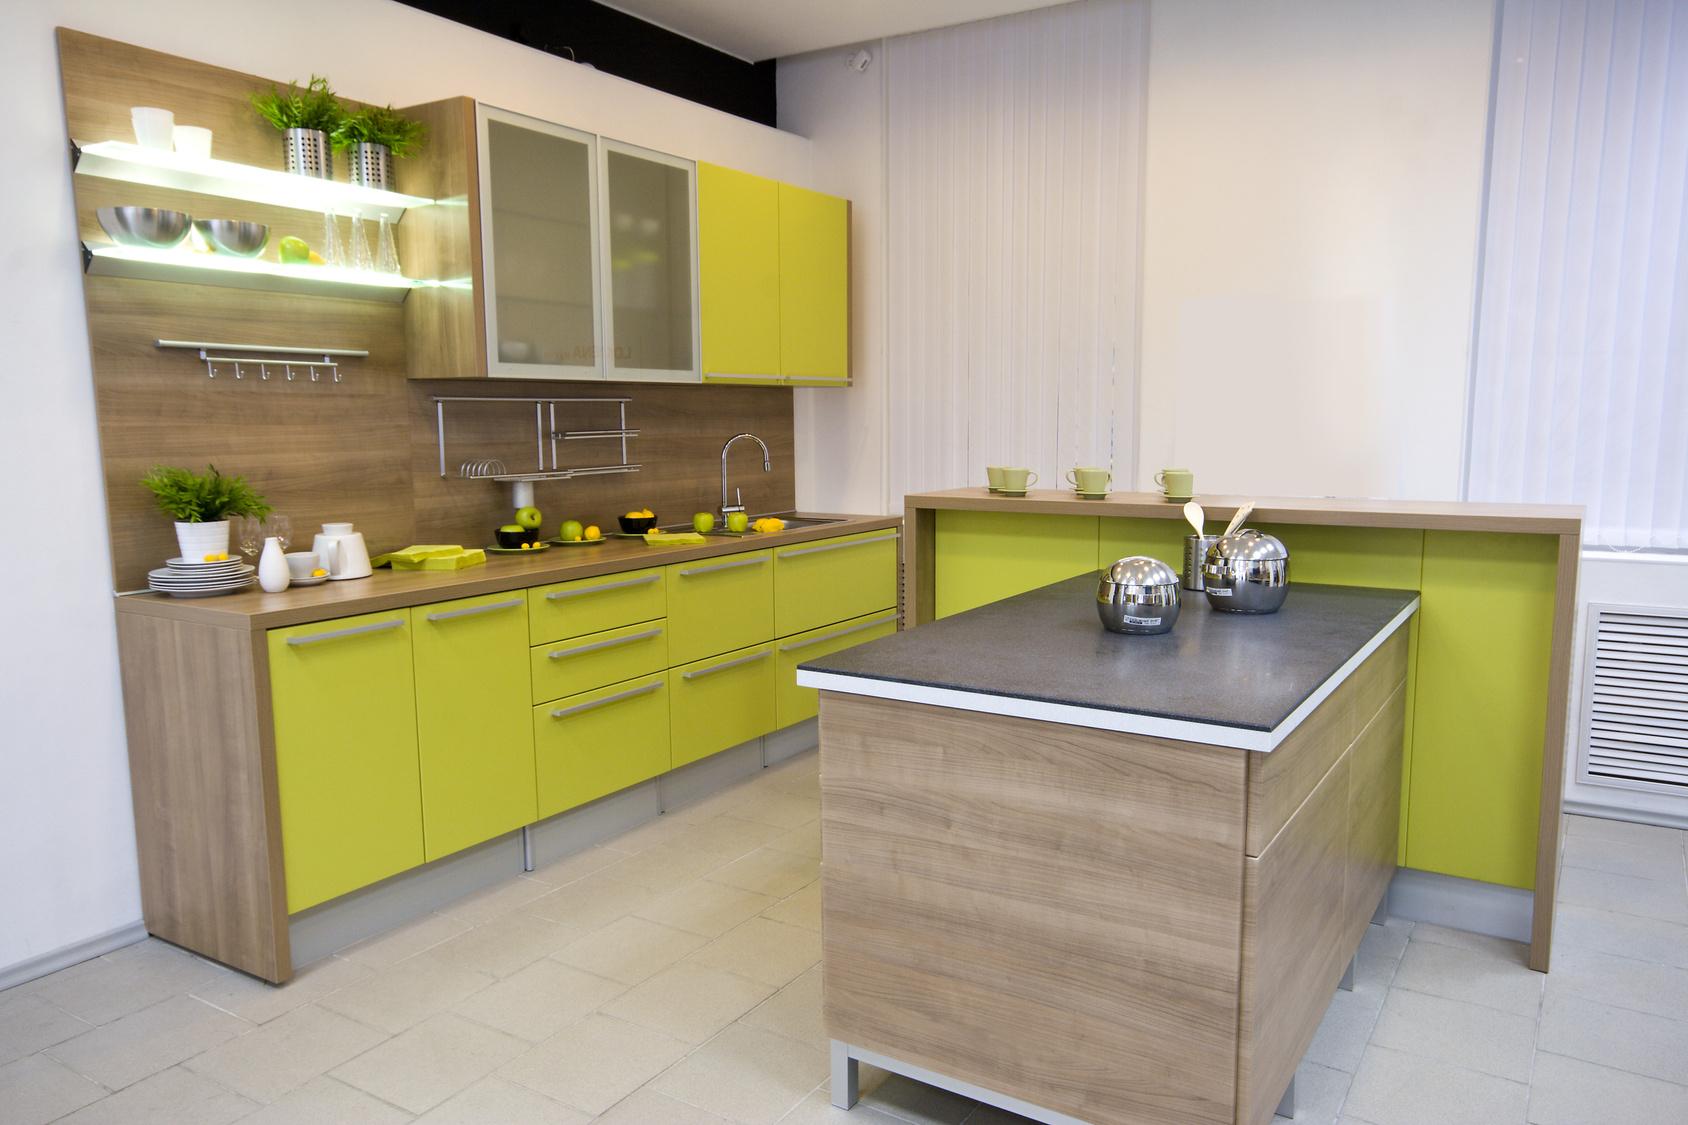 gelbe kchenzeile affordable hcker komfortable kchenzeile in frischem gelb uno goldgelb. Black Bedroom Furniture Sets. Home Design Ideas